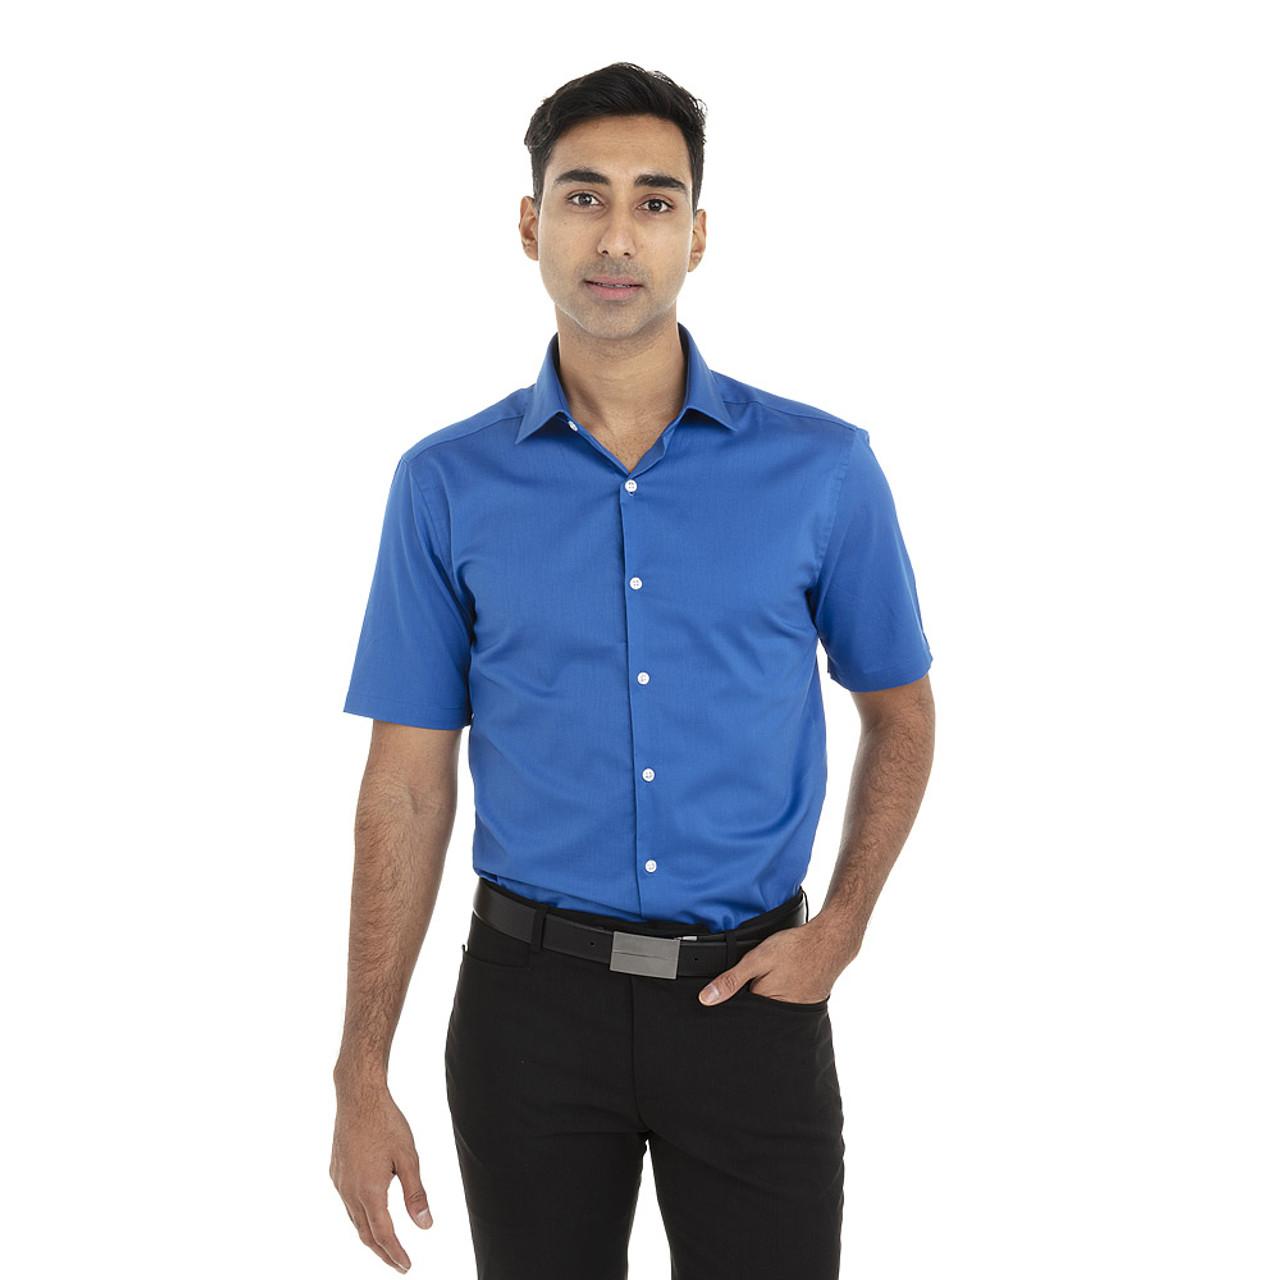 Ultra Blue - 18CV317 Van Heusen Short Sleeve Dress Twill Shirt   T-shirt.ca